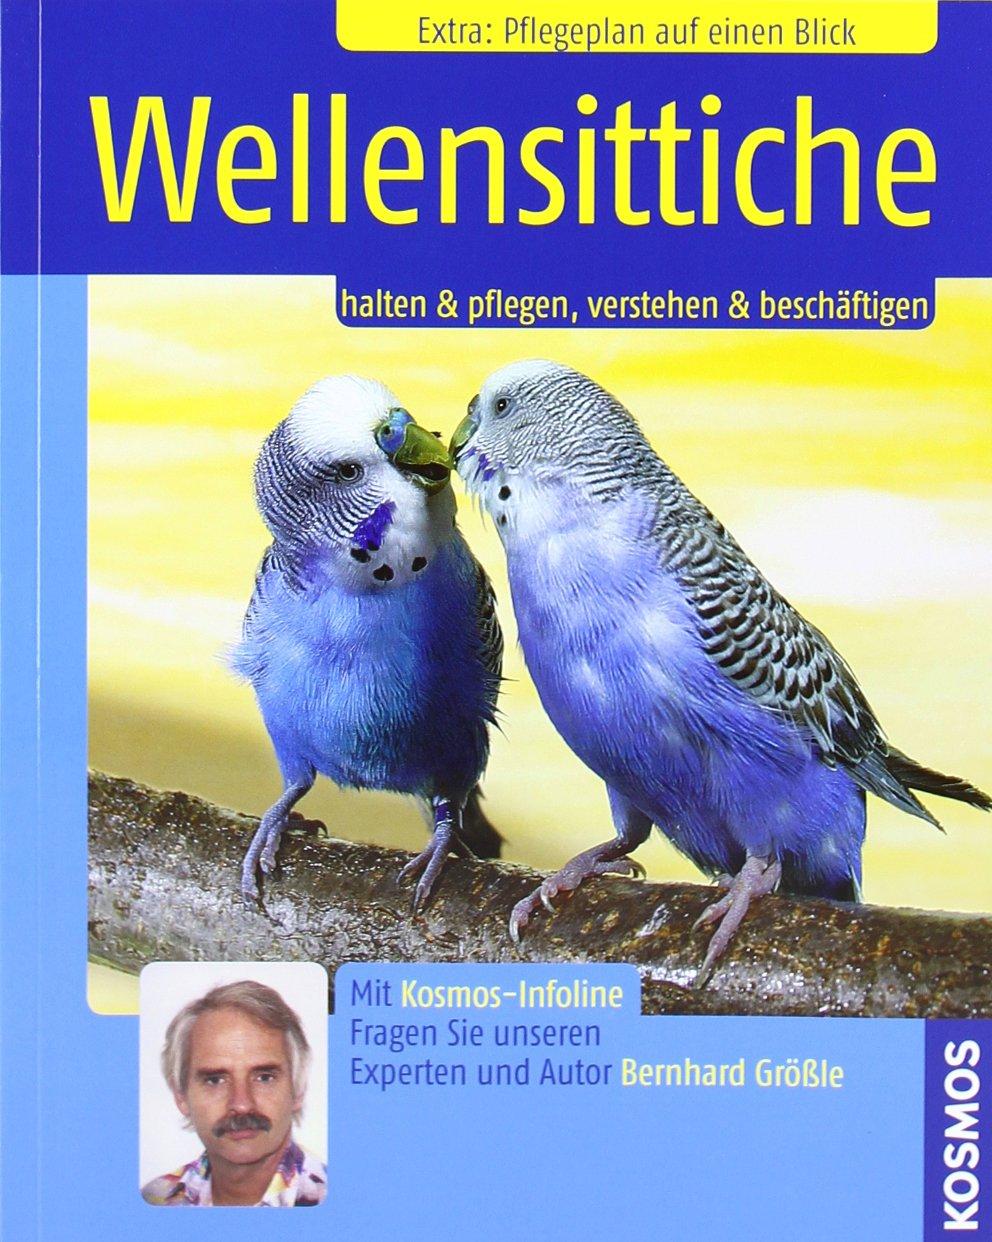 Wellensittiche: Halten & pflegen, verstehen & beschäftigen Broschiert – 1. August 2007 Bernhard Größle Kosmos 344010379X Tiere / Jagen / Angeln